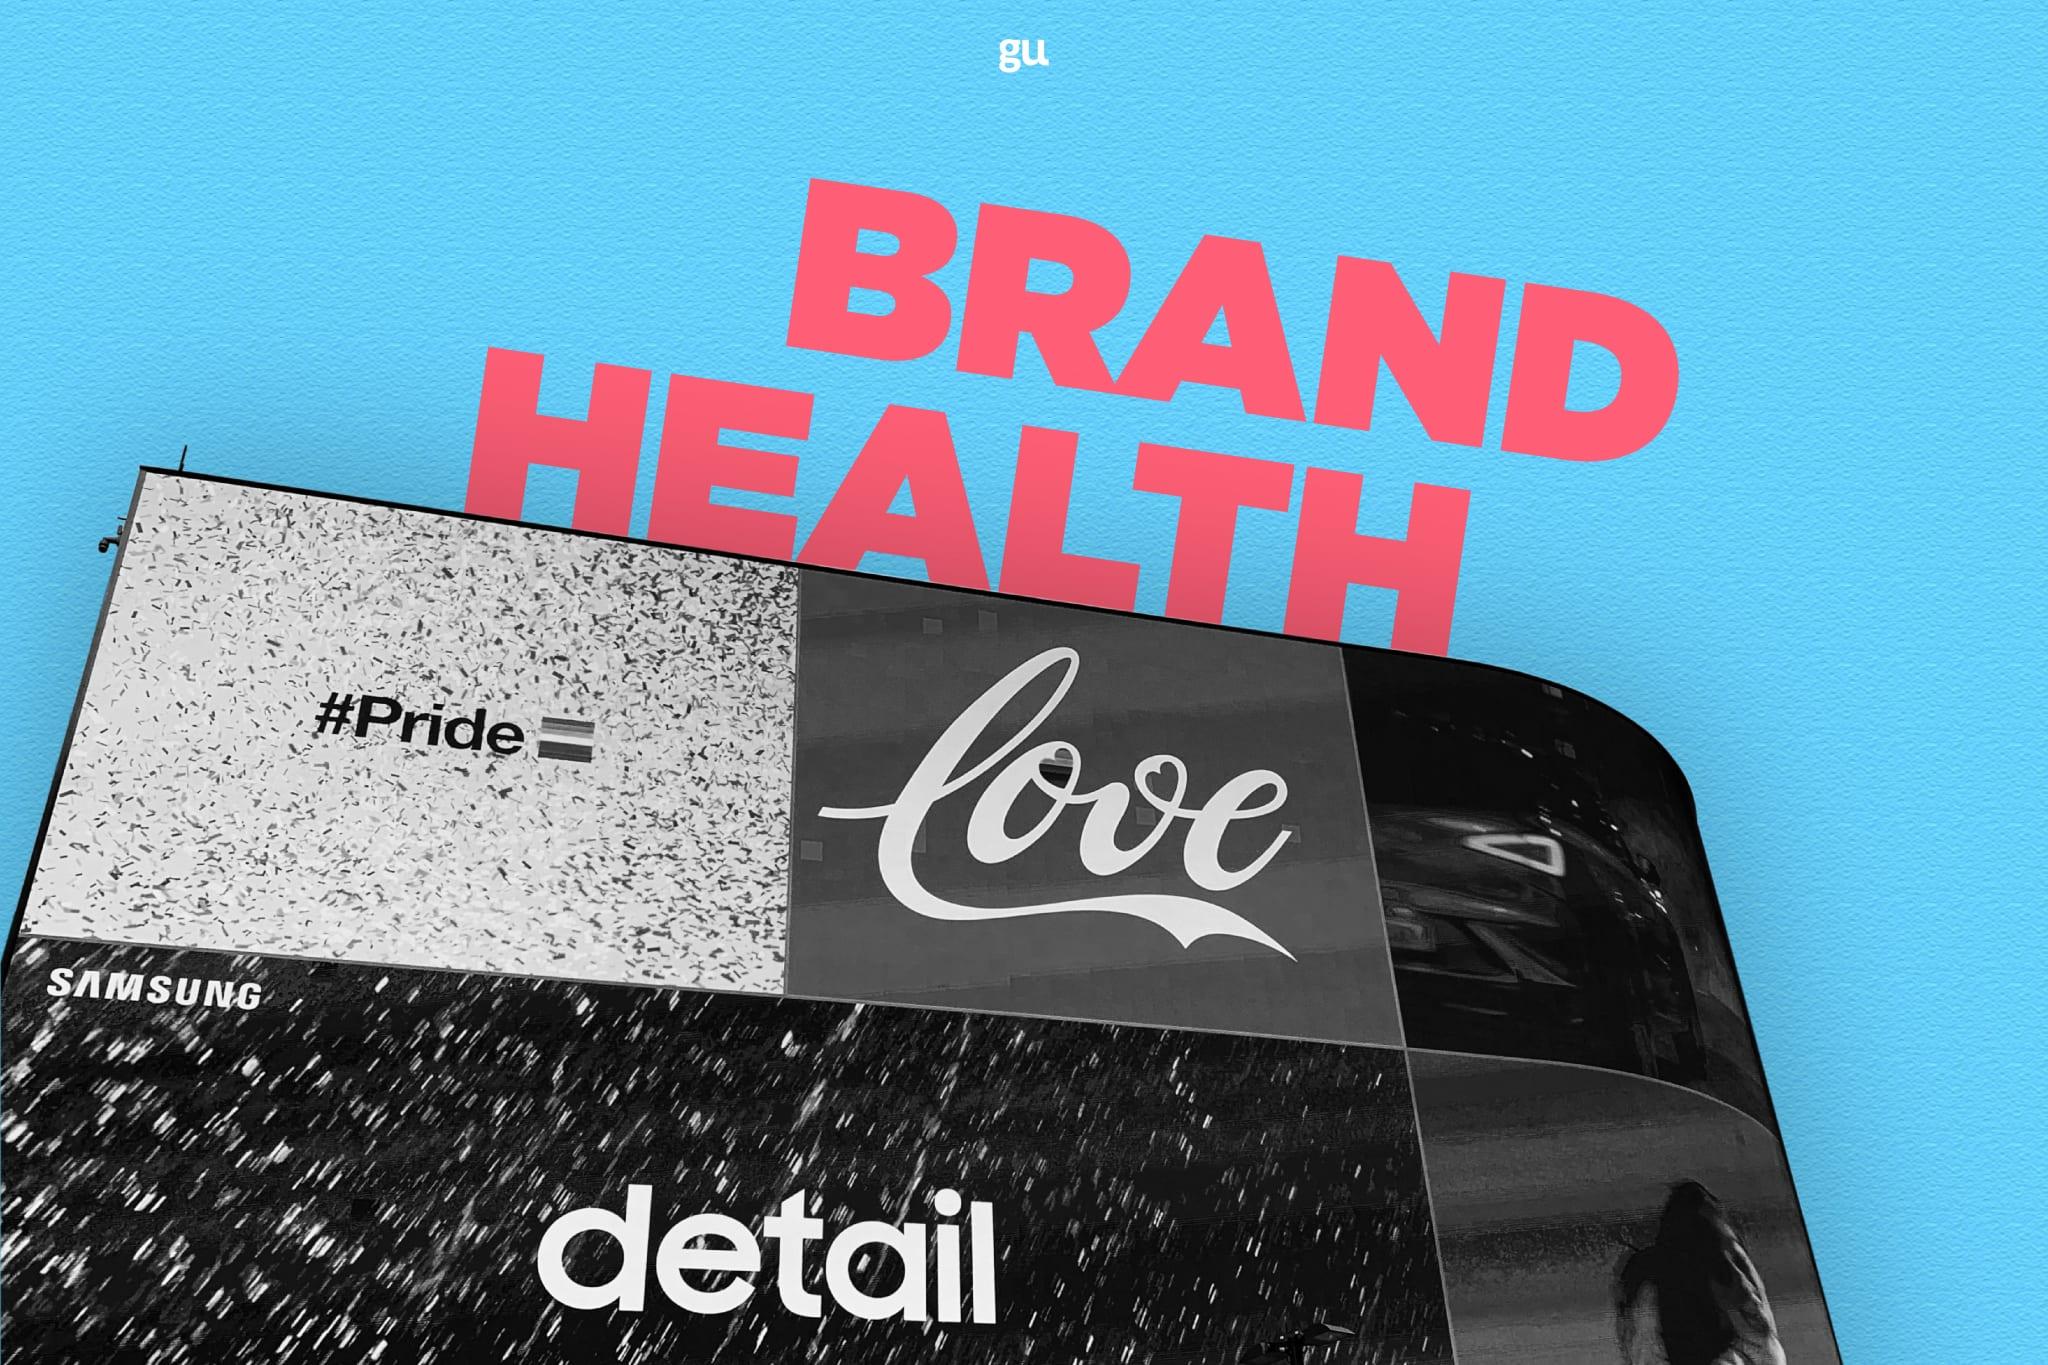 Brand Health - Công cụ đo lường sức khoẻ thương hiệu